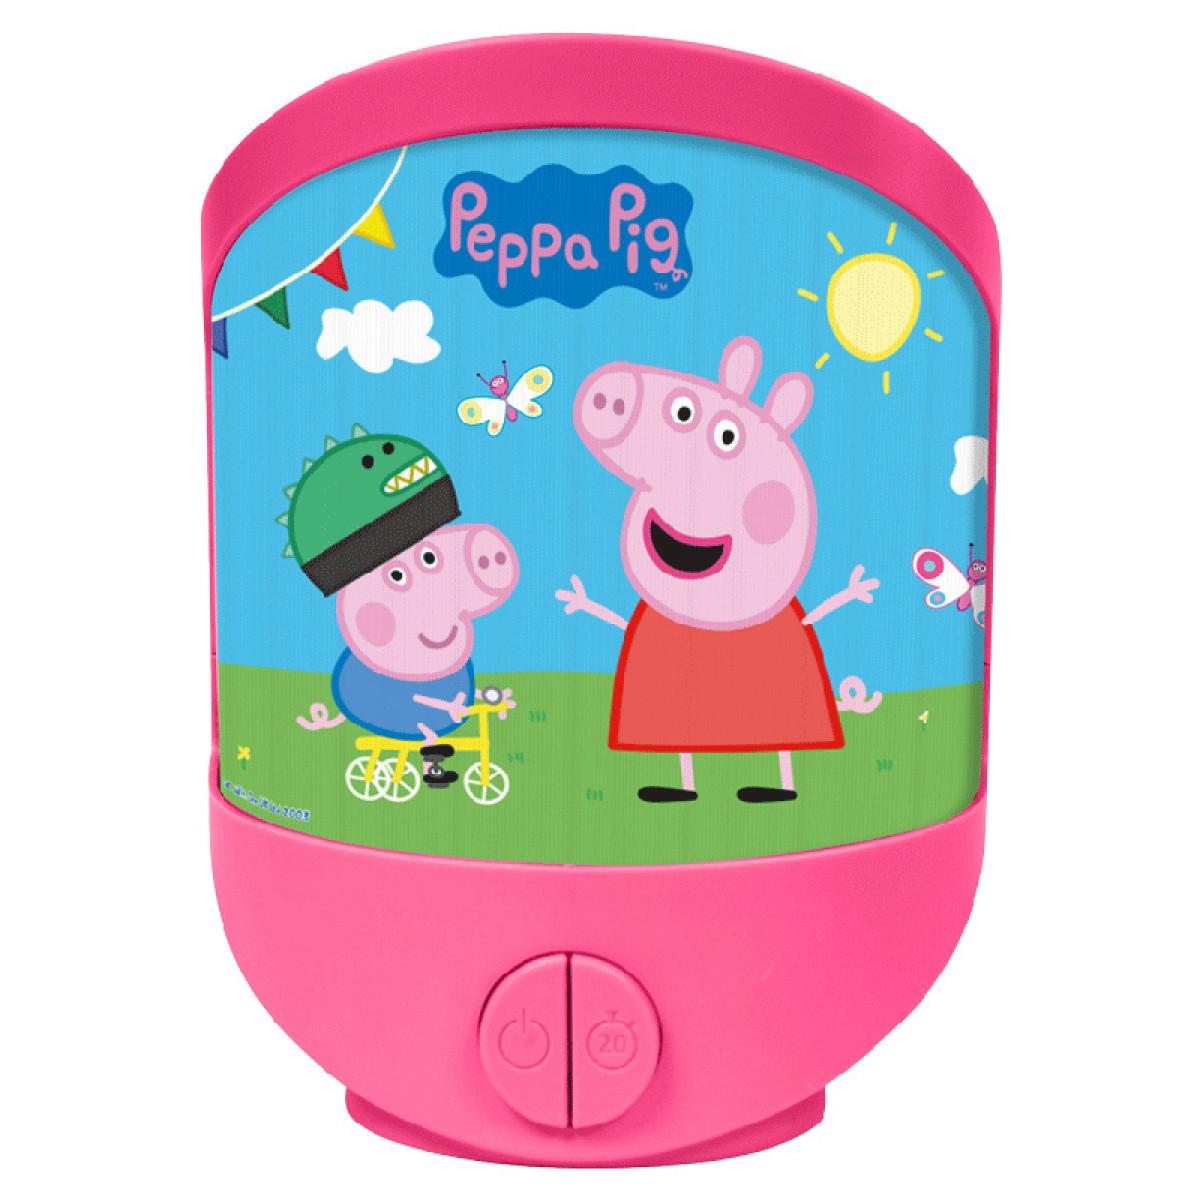 Peppa Pig Lenticular Night Light